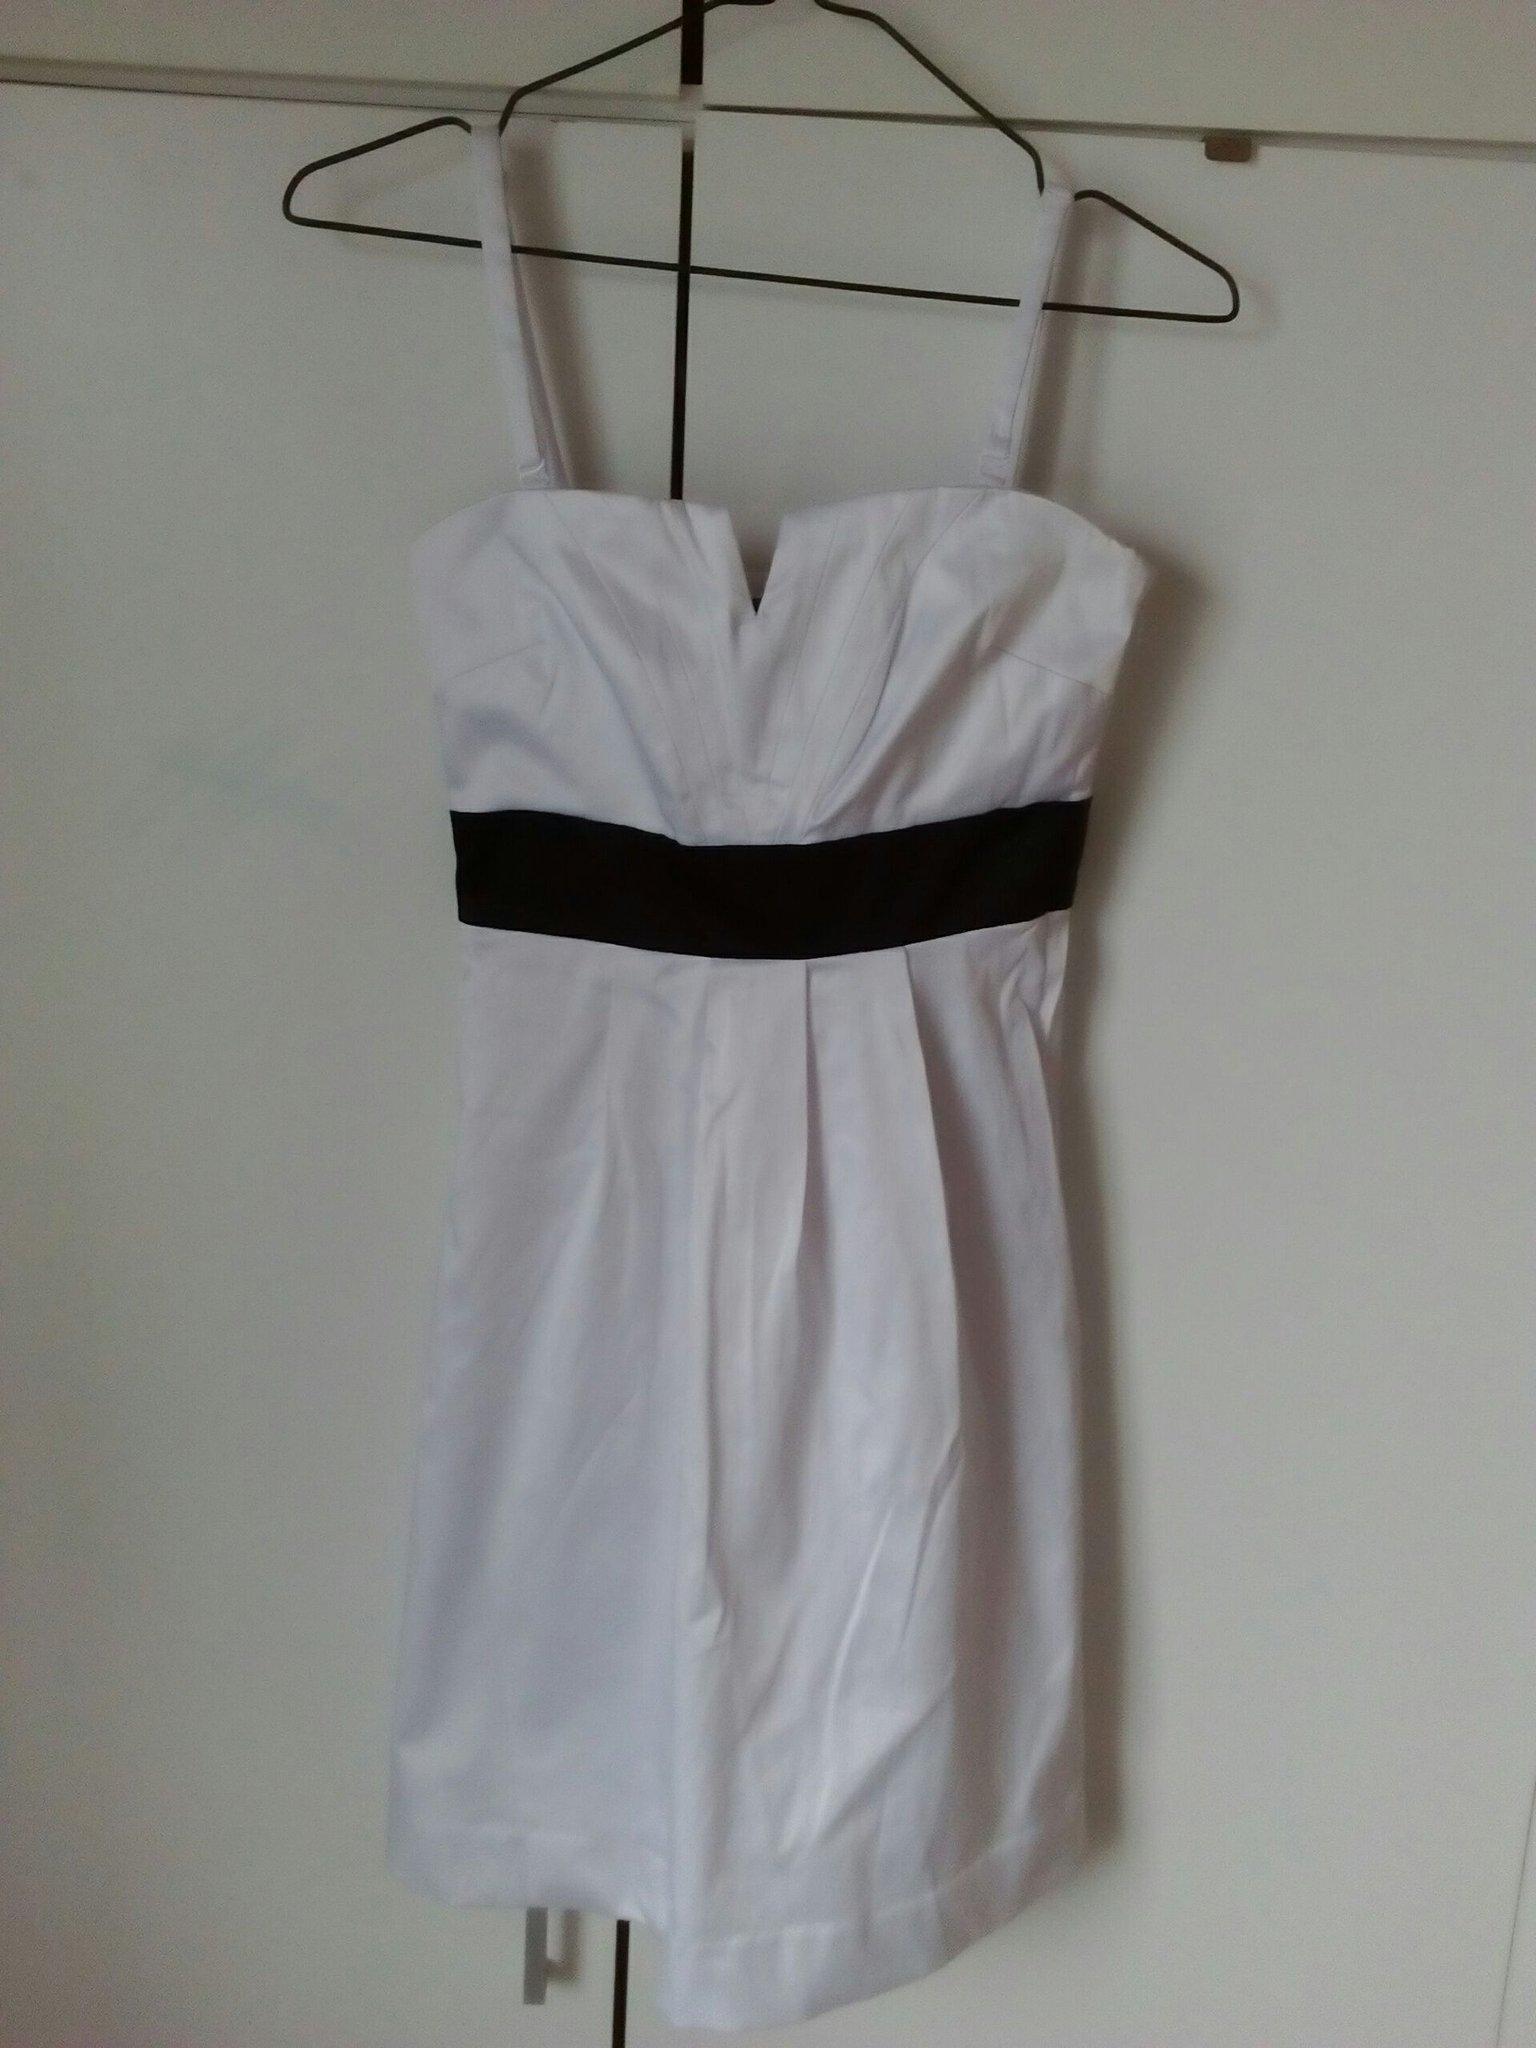 e456238a4eb Vit klänning från Zoul stl 32 med matchande tights skolavslutning midsommar  ...